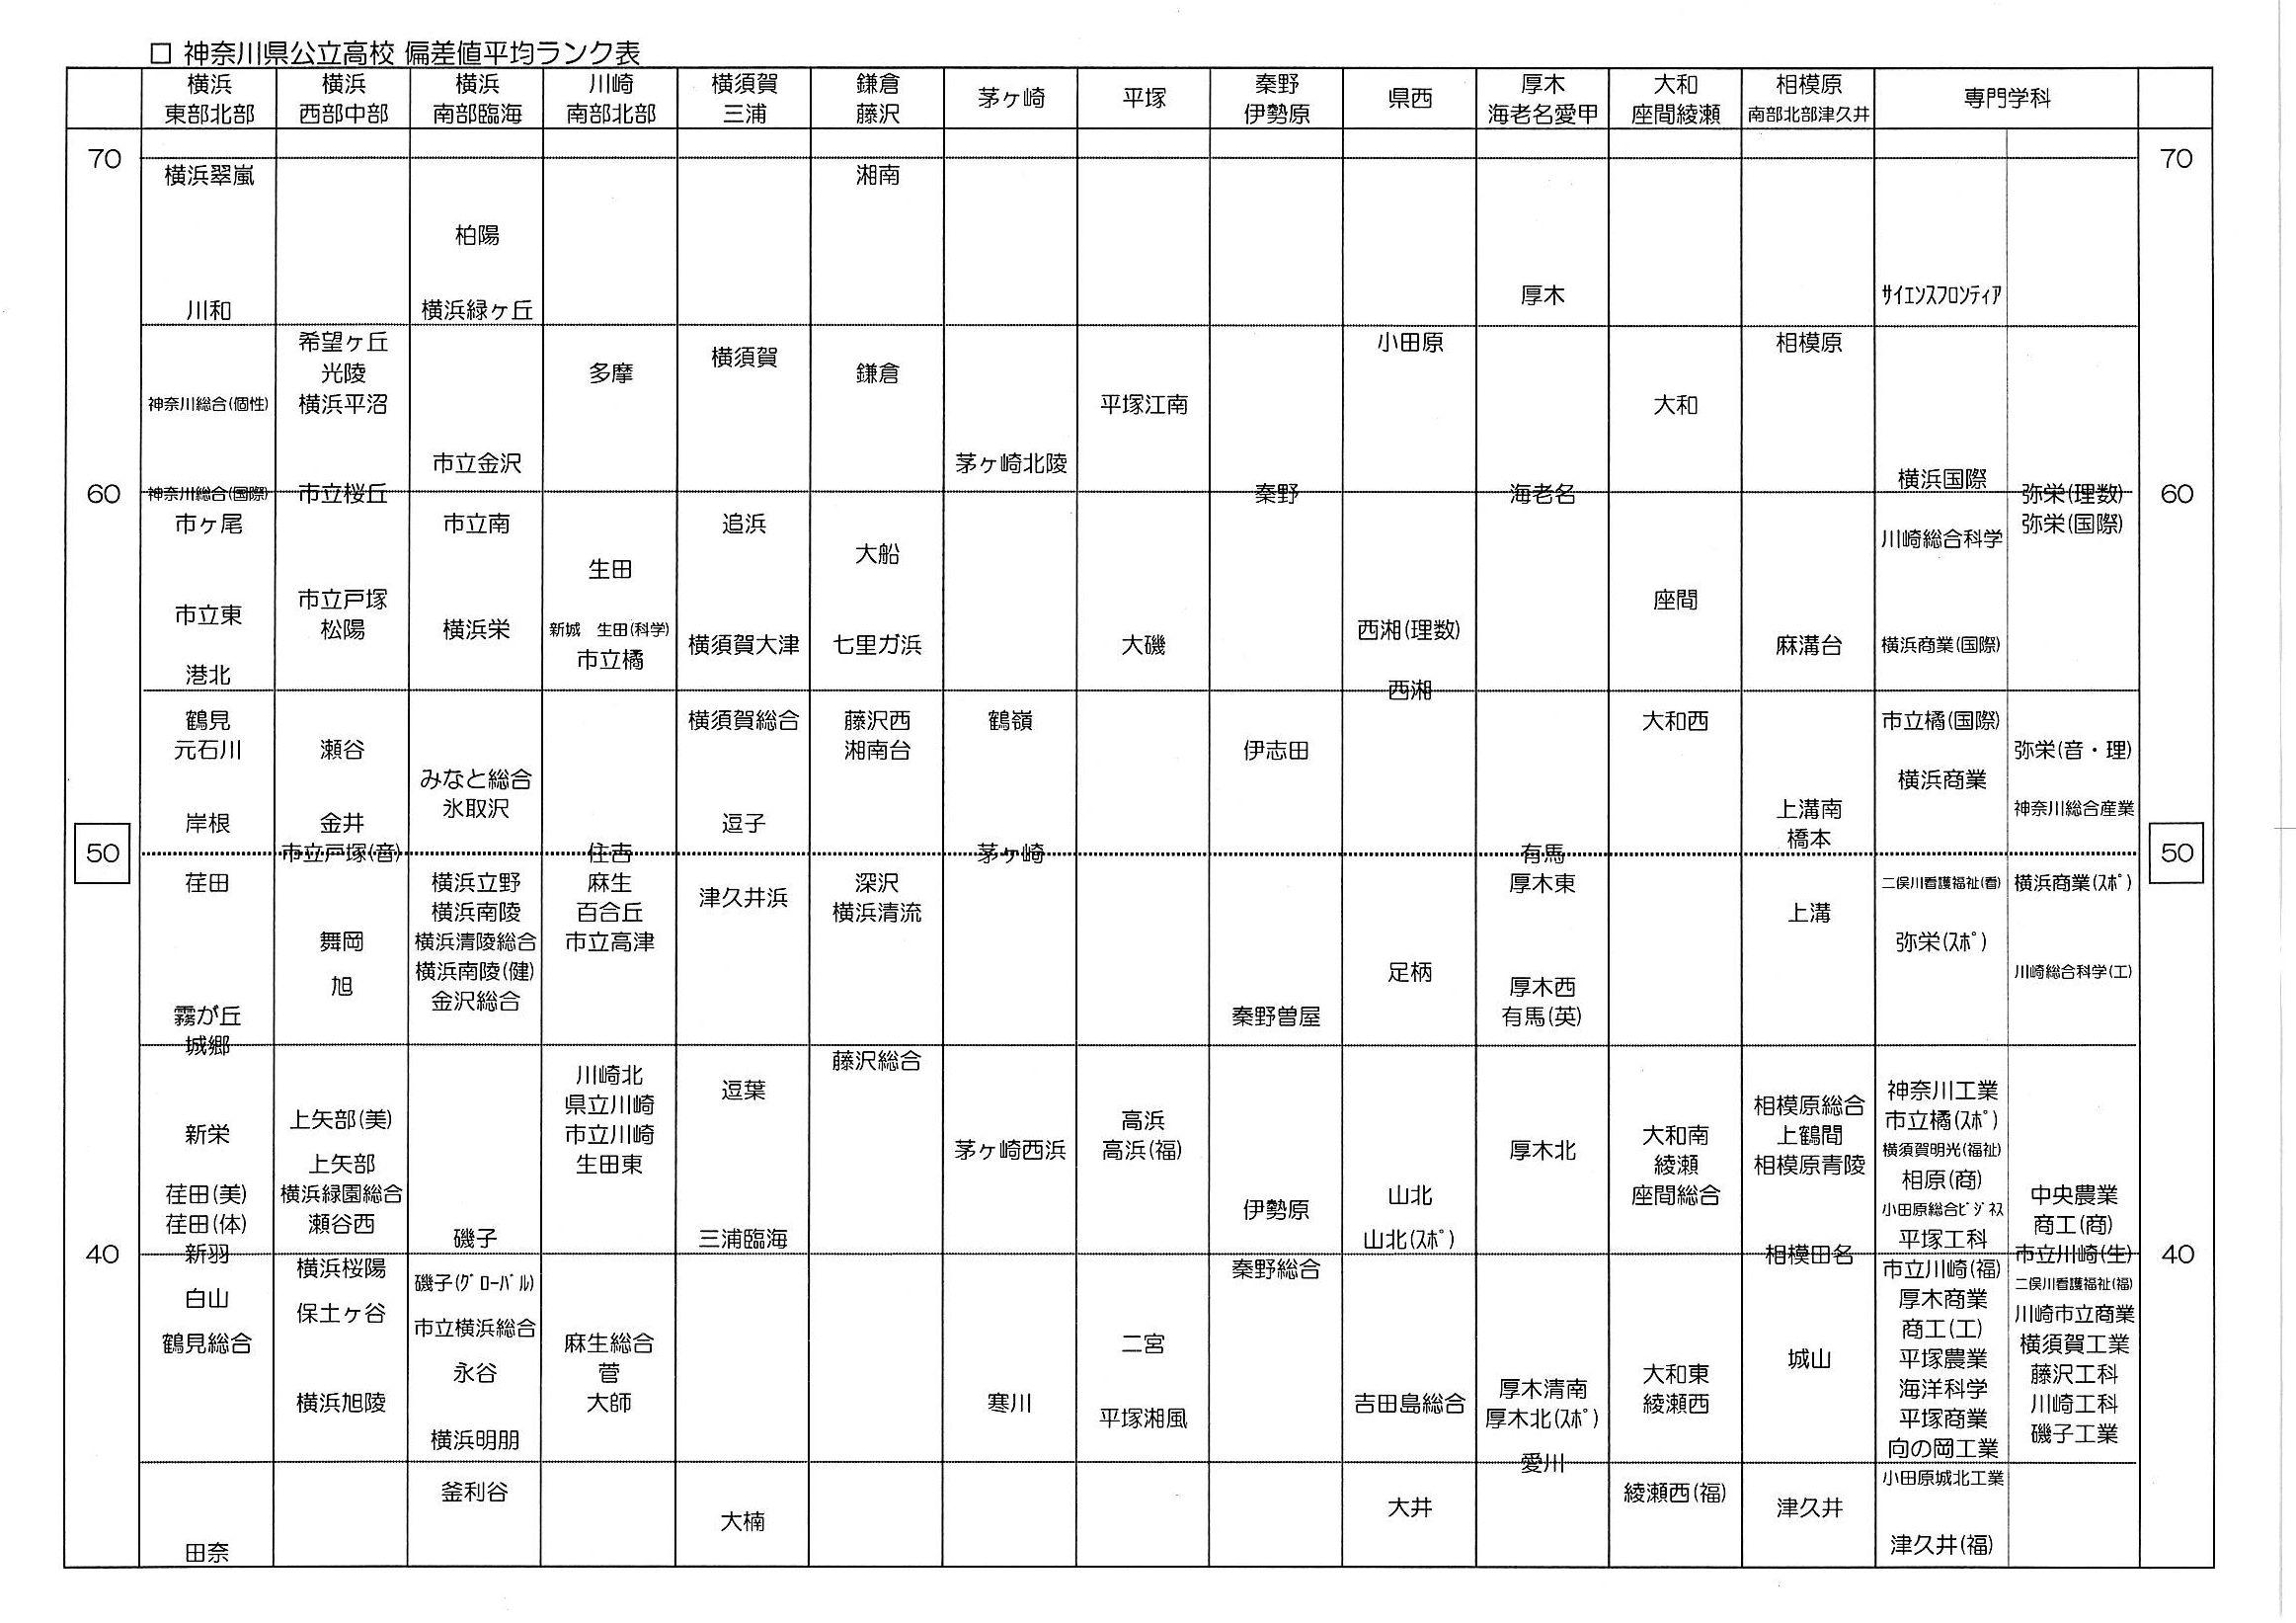 値 生田 高校 偏差 神奈川県の高校(公立)偏差値(あ行)|進研ゼミ 高校入試情報サイト